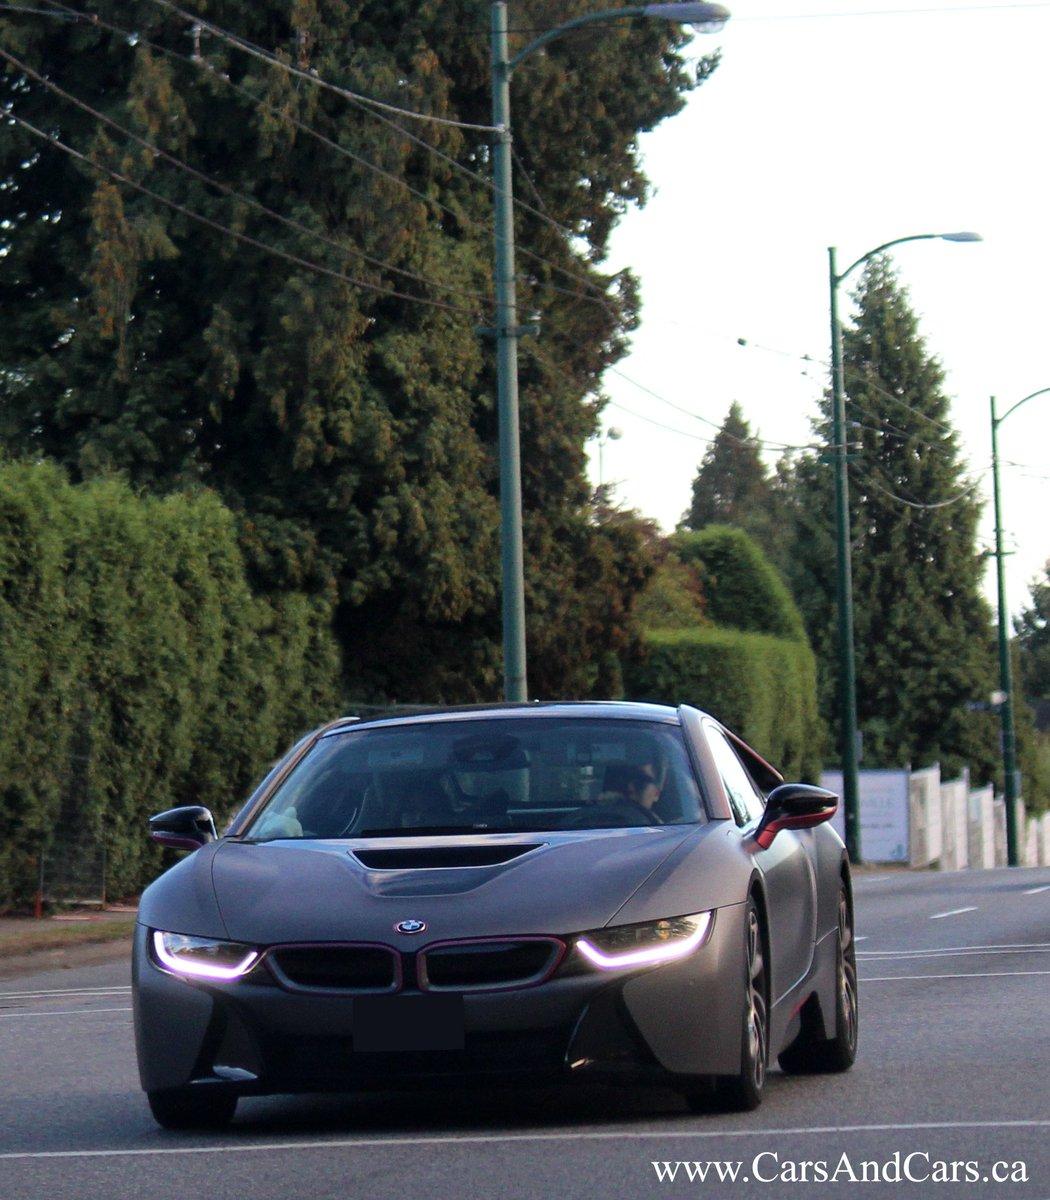 Carsandcars Ca On Twitter Bmw I8 Supercar Sportcar Luxurycar